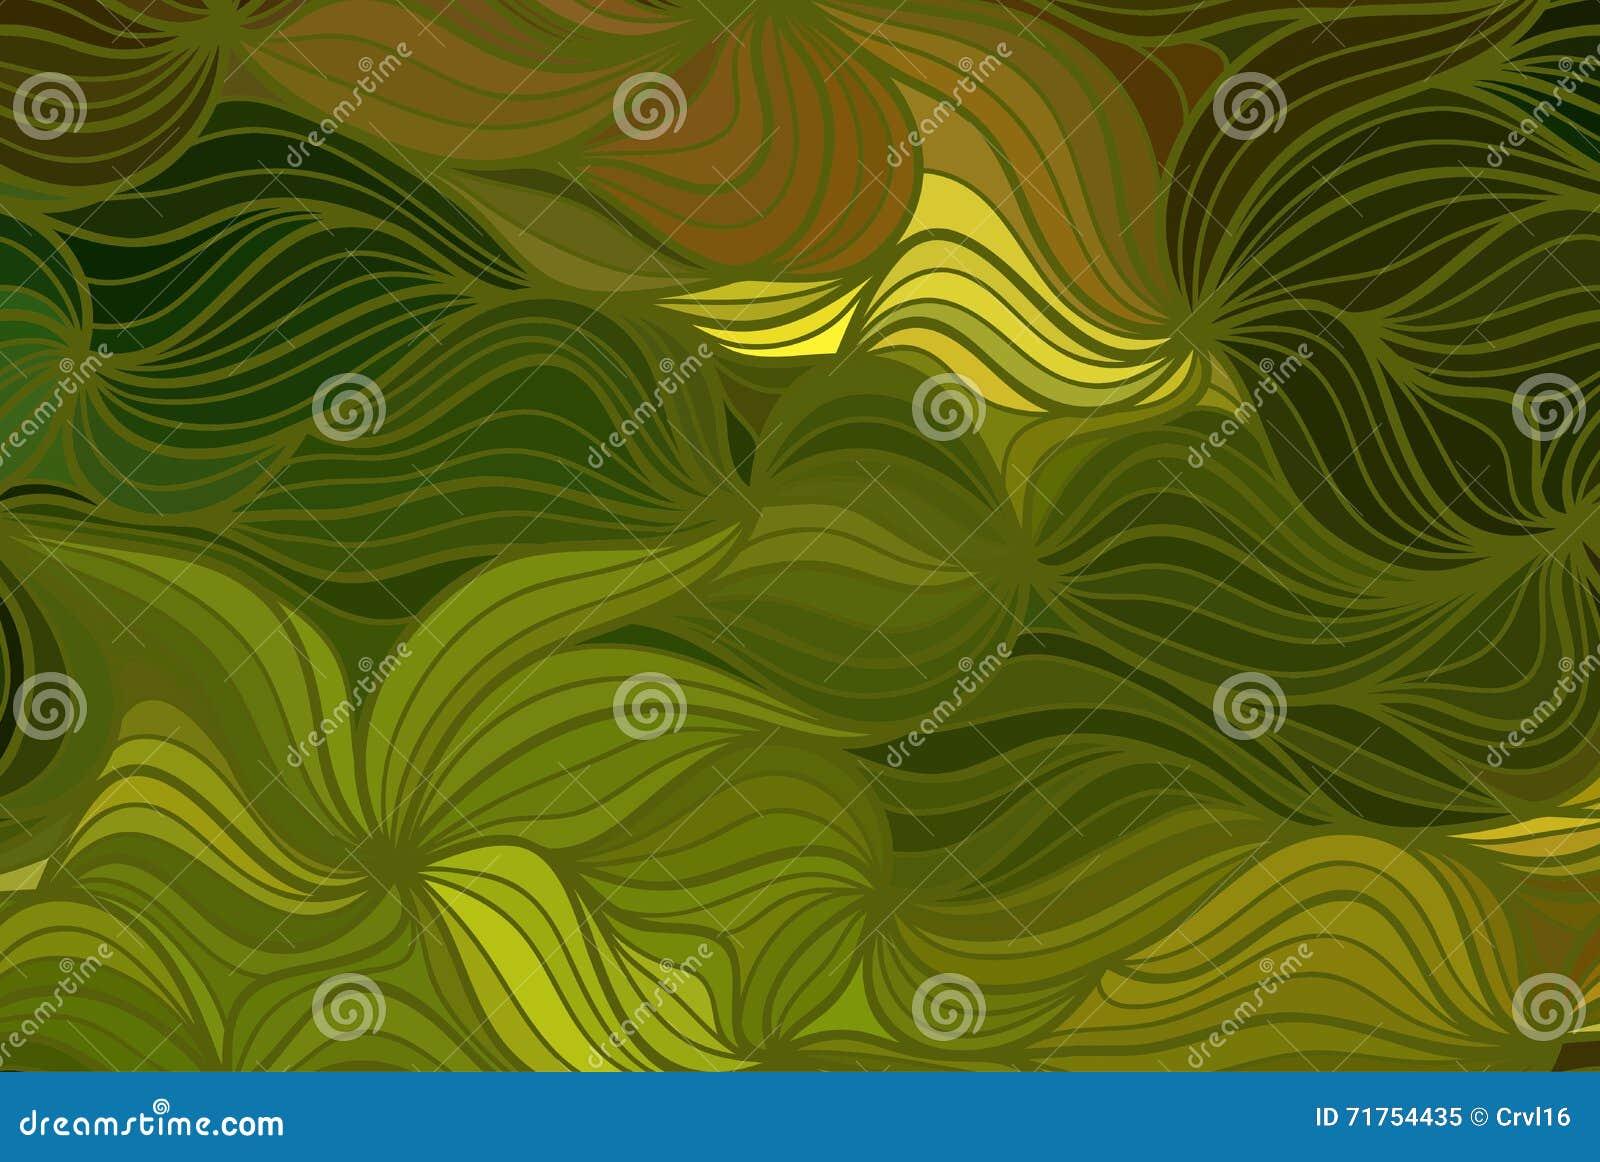 Διανυσματικό floral υπόβαθρο των συρμένων γραμμών